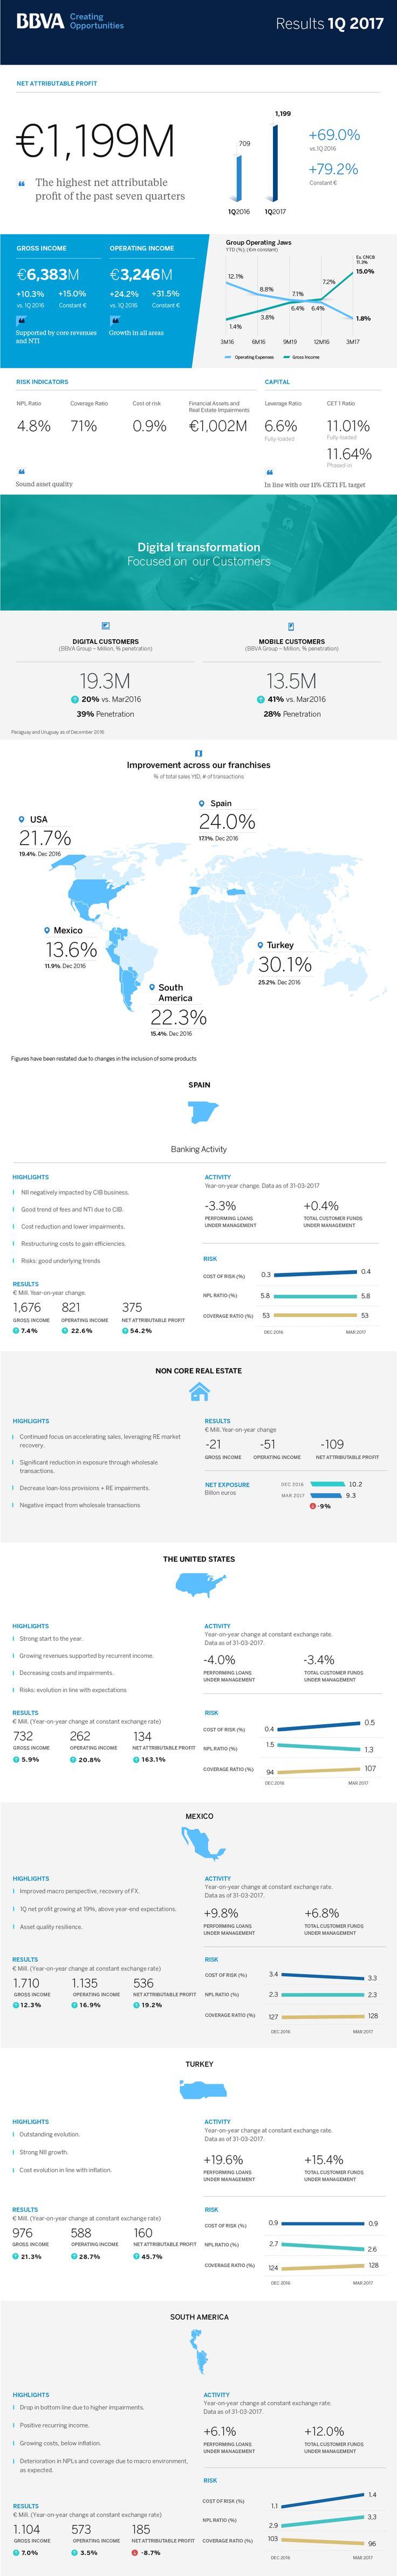 BBVA Results 1Q17